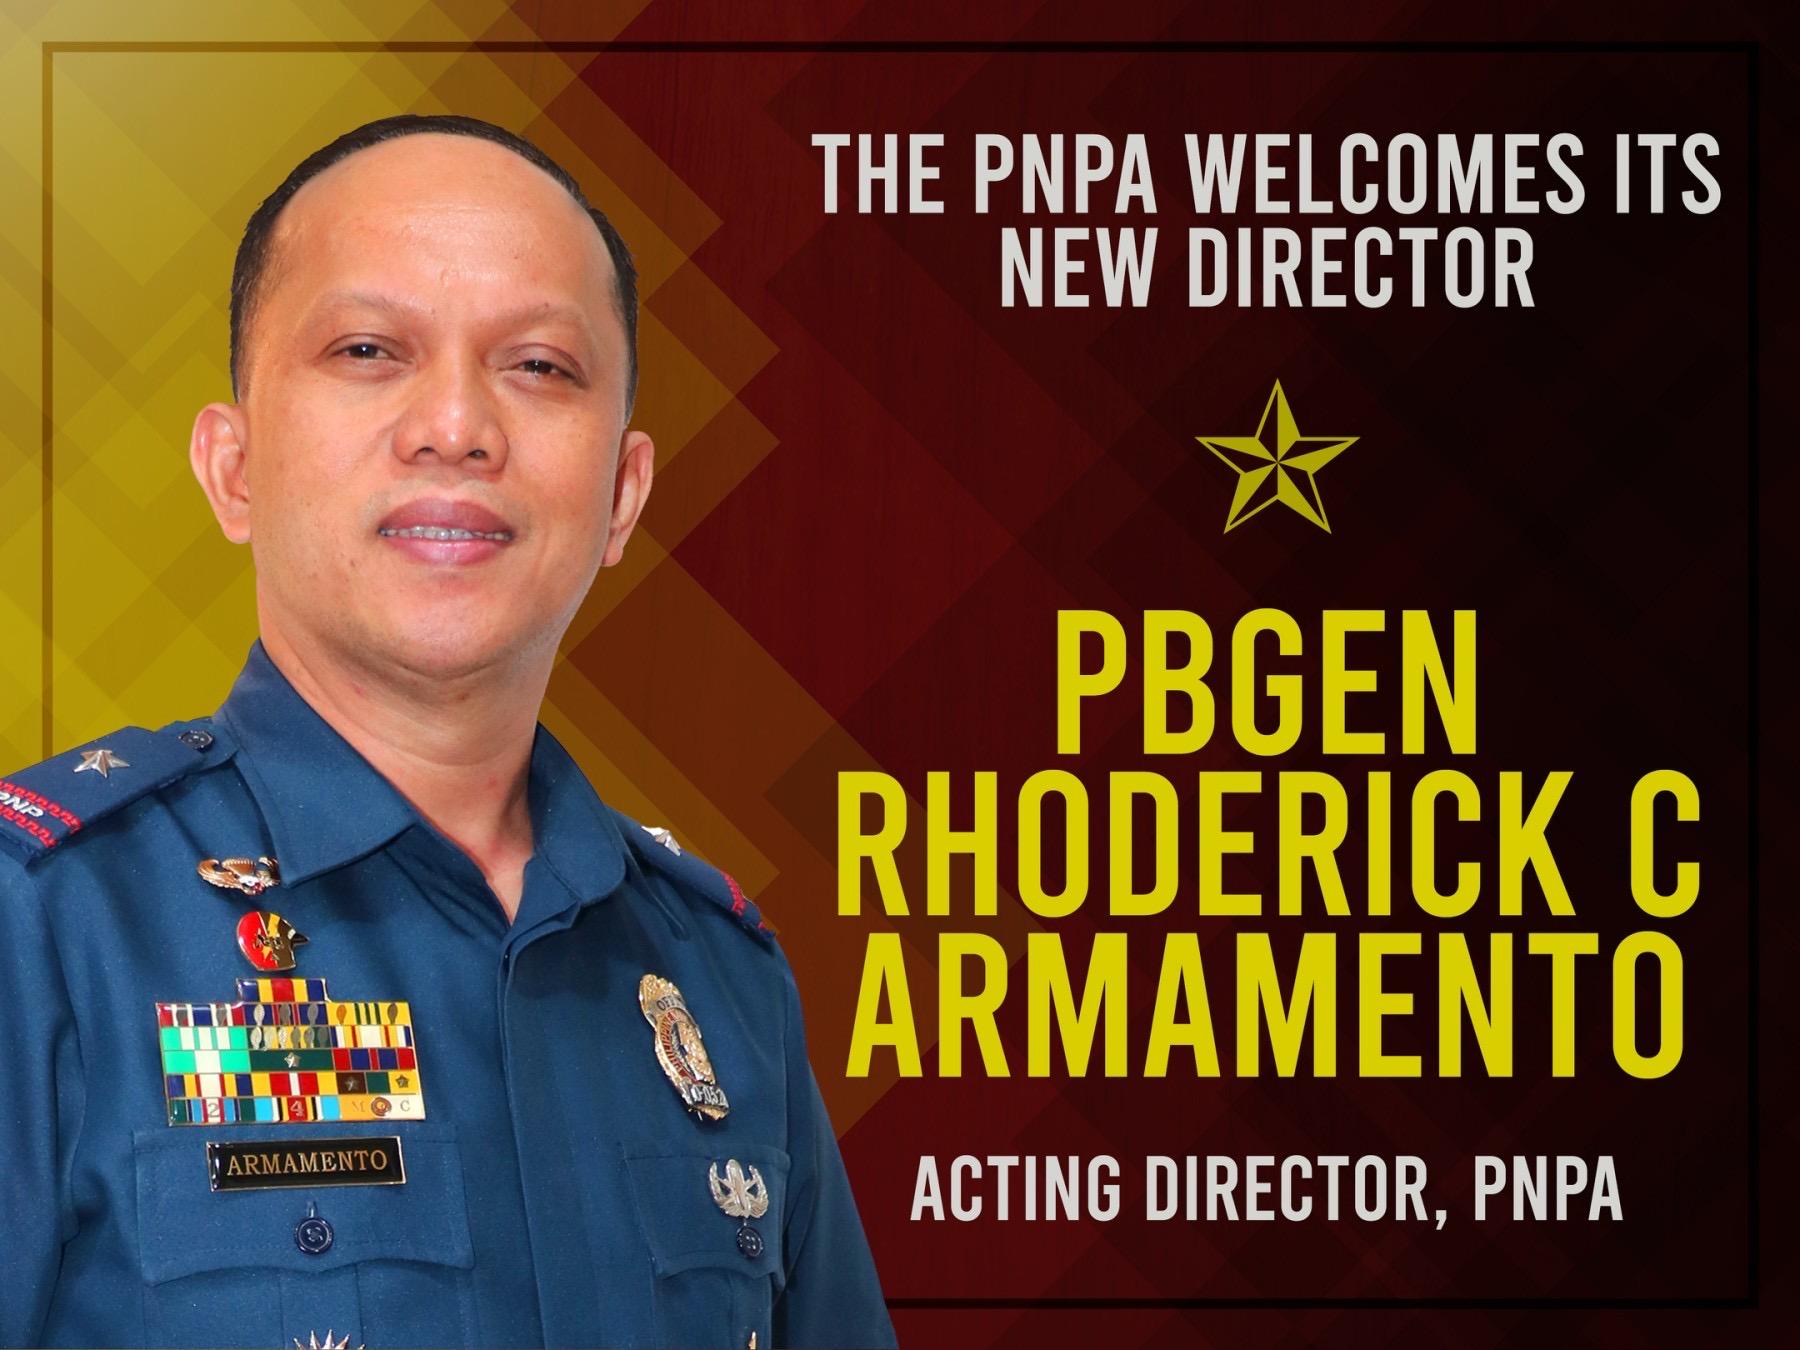 NEW PNPA DIRECTOR's PRIORITY PROGRAMS